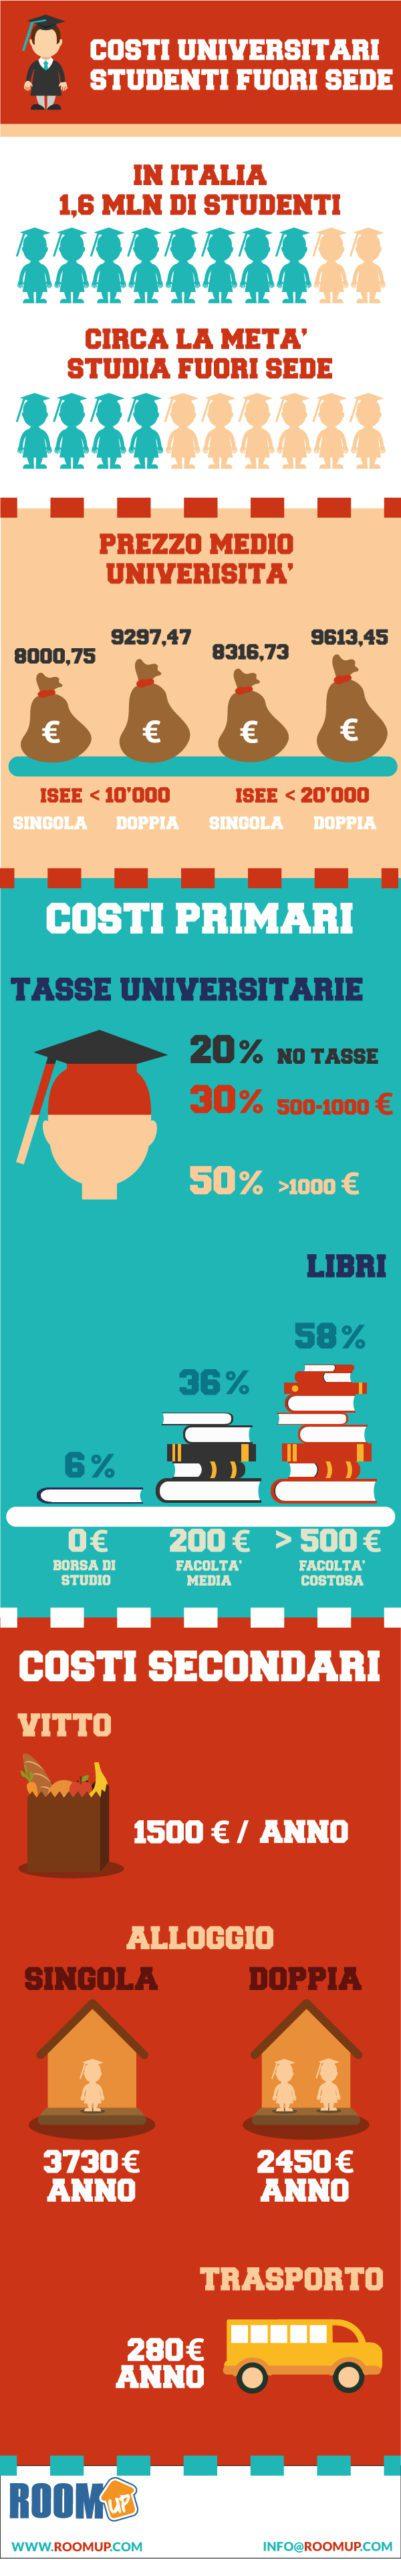 Università e soldi: un'indagine svela tutti i costi universitari degli studenti fuori sede italiani